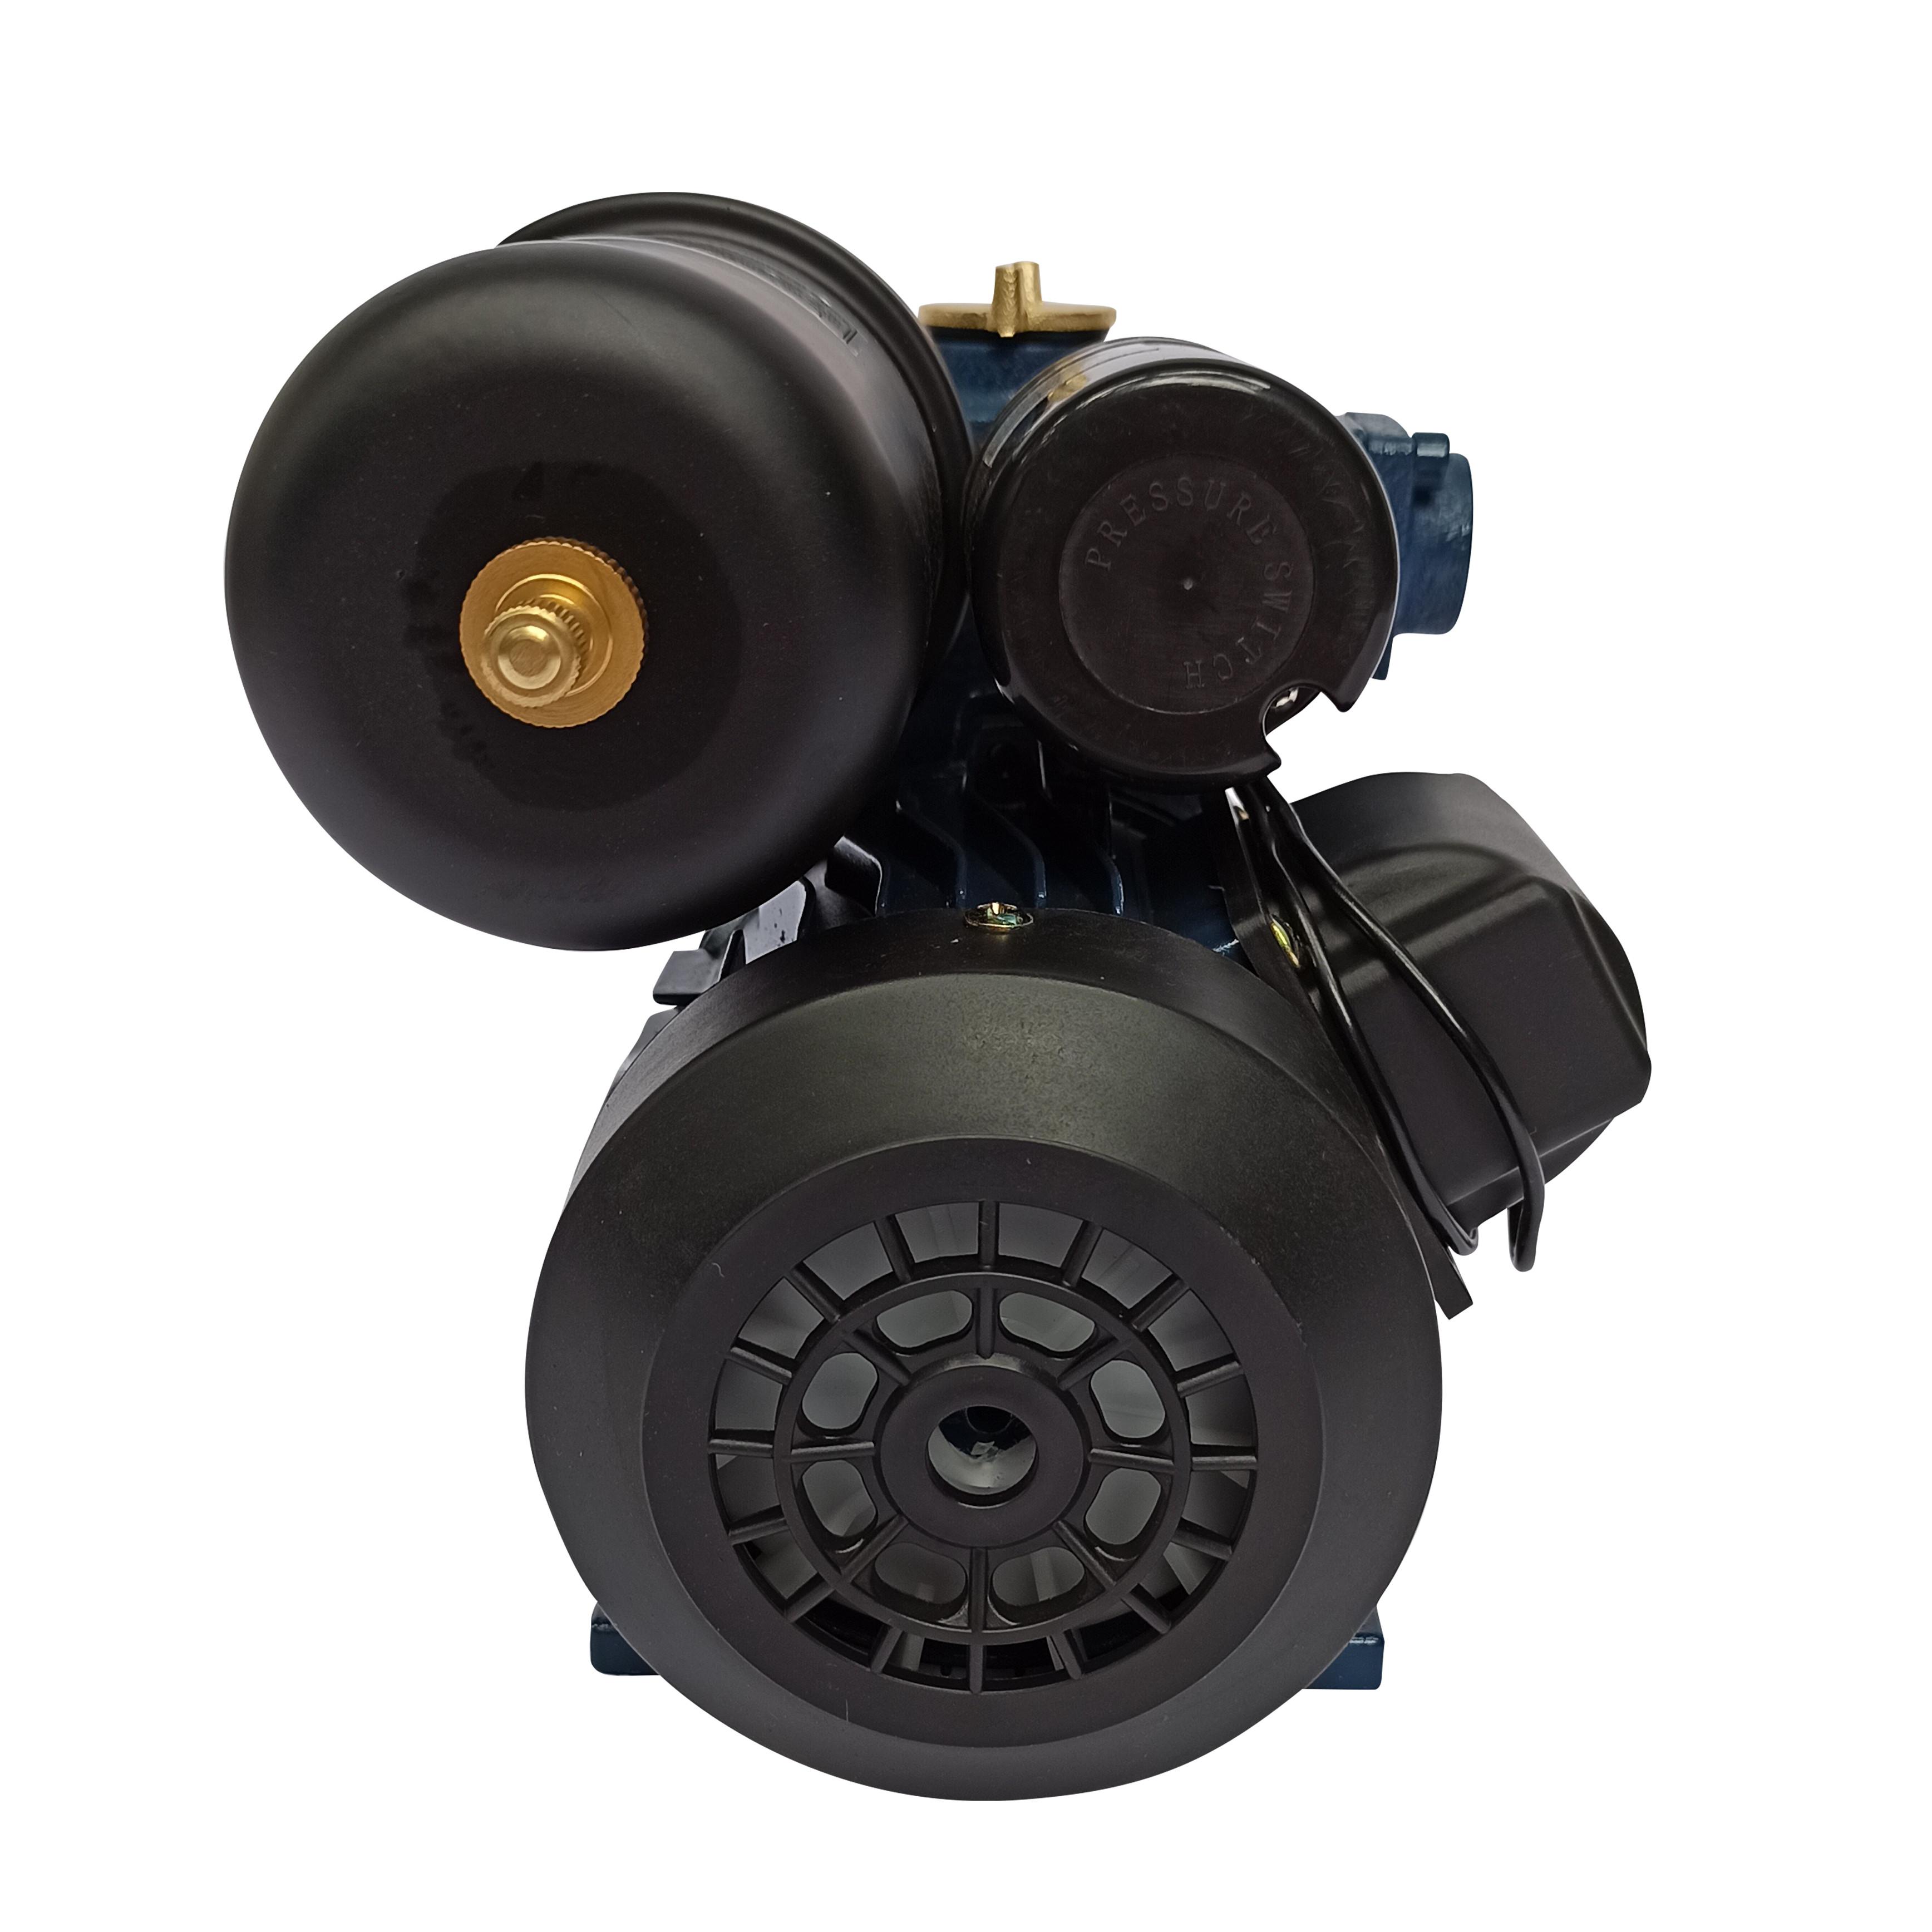 Máy Bơm Tăng Áp ROMANO RM150A, Tự động tăng áp, Tăng cùng lúc nhiều thiết bị, Công nghệ Italy